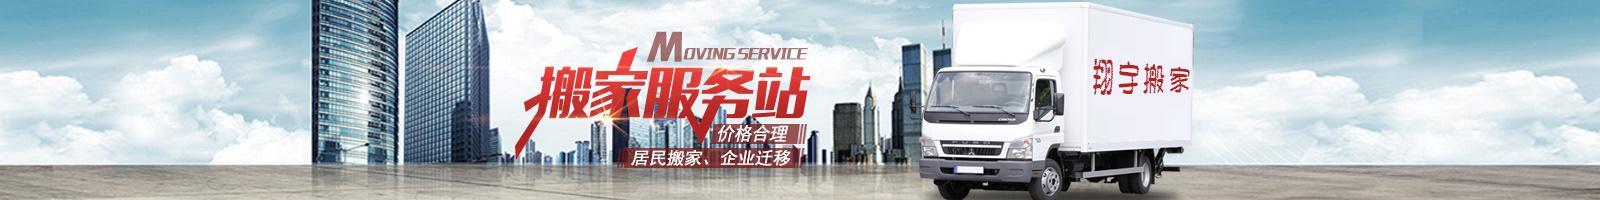 唐山市路北翔宇家政信息服务处